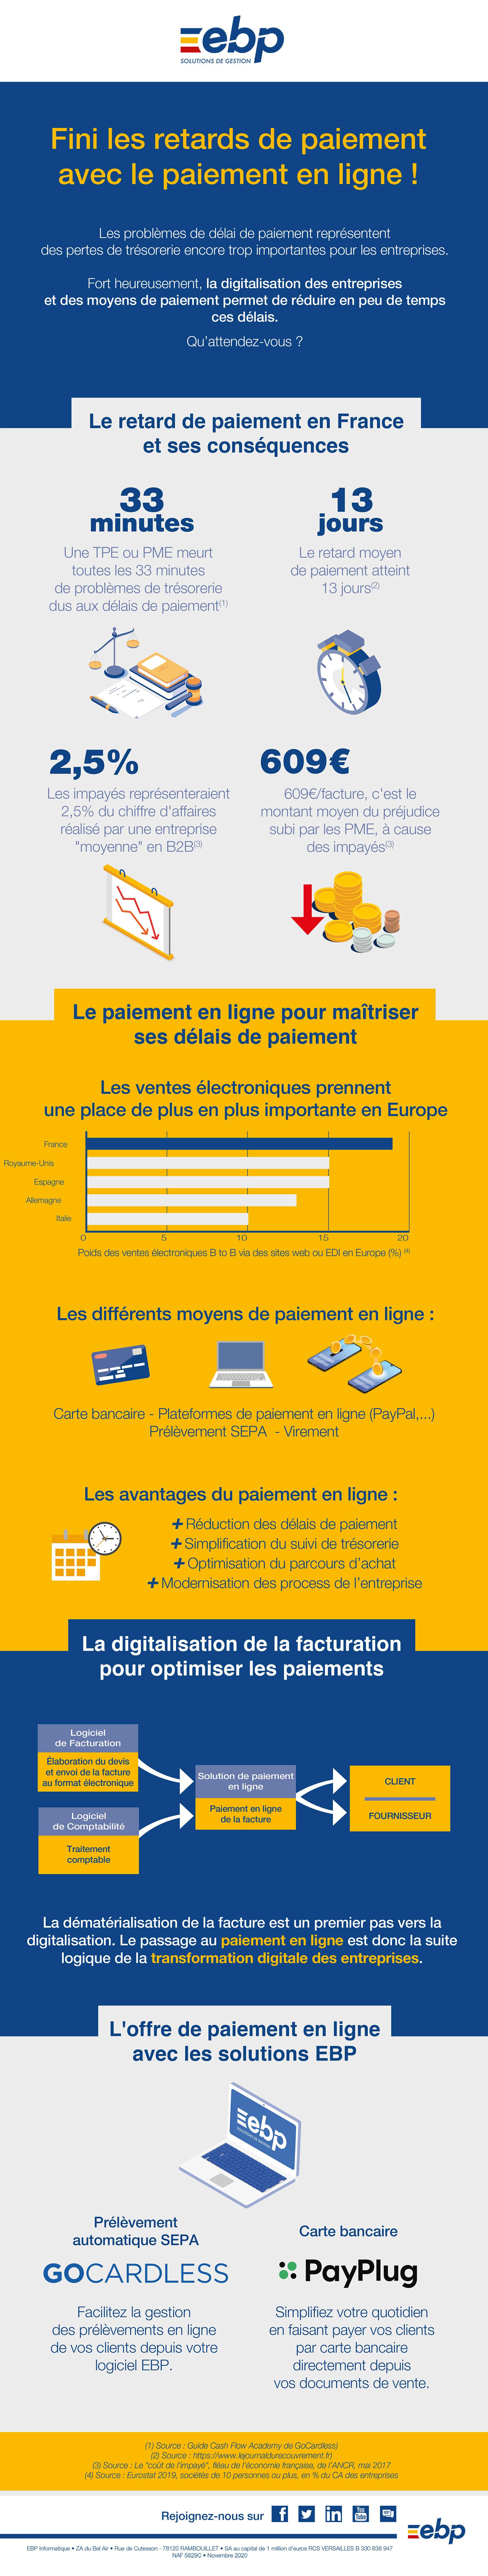 infographie EBP paiement en ligne